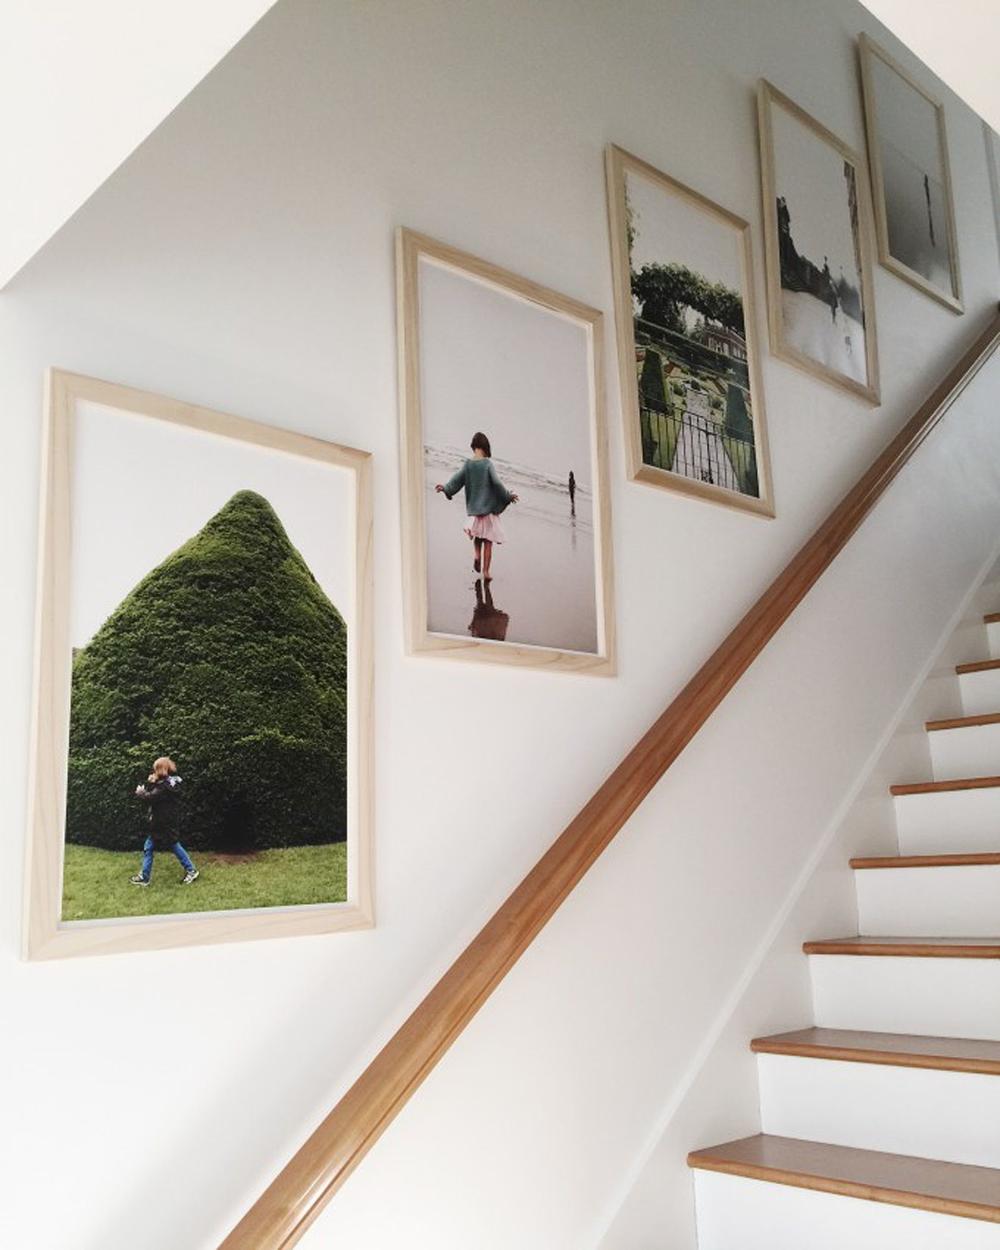 31 Stair Decor Ideas To Make Your Hallway Look Amazing: Déco Escalier : Customiser Et Donner Du Style à L'escalier